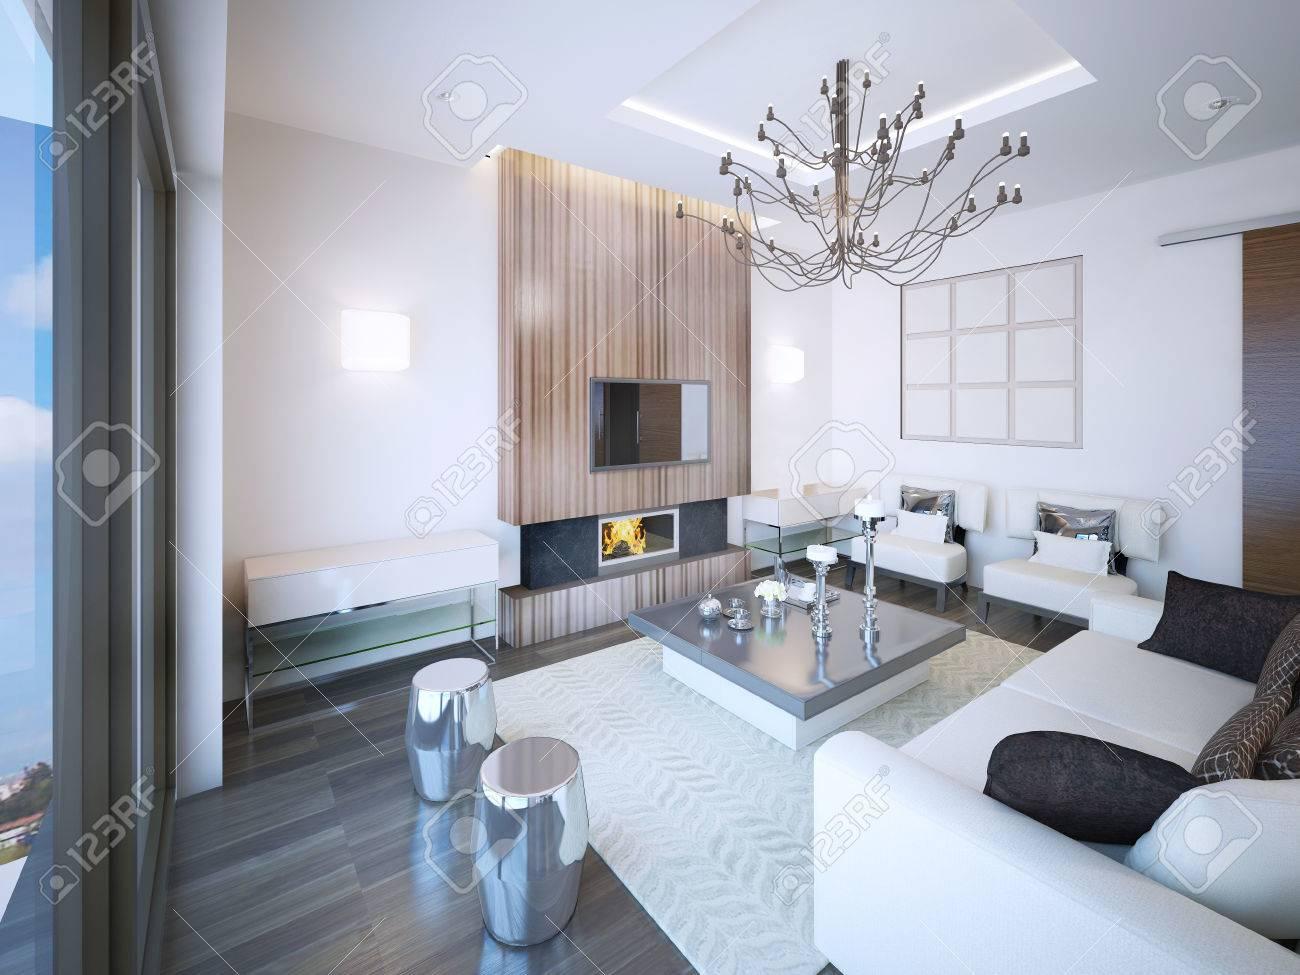 Wohnzimmer art deco stil mit kamin ungewöhnliche möbel aus